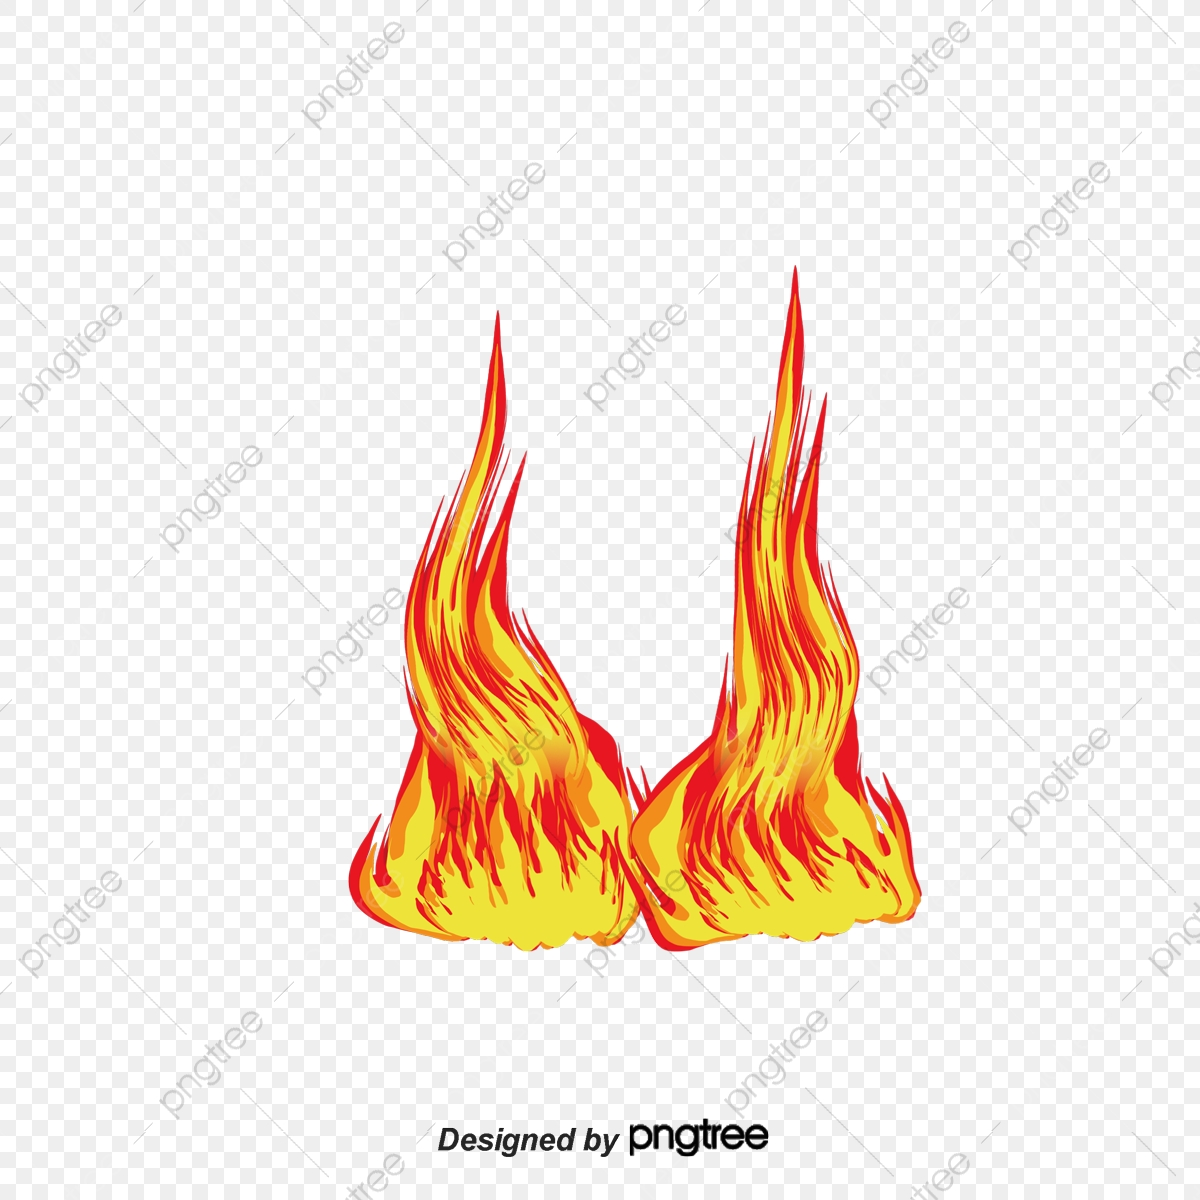 Les Flammes De Dessins Animés Flamme Dessin Jaune Png Et